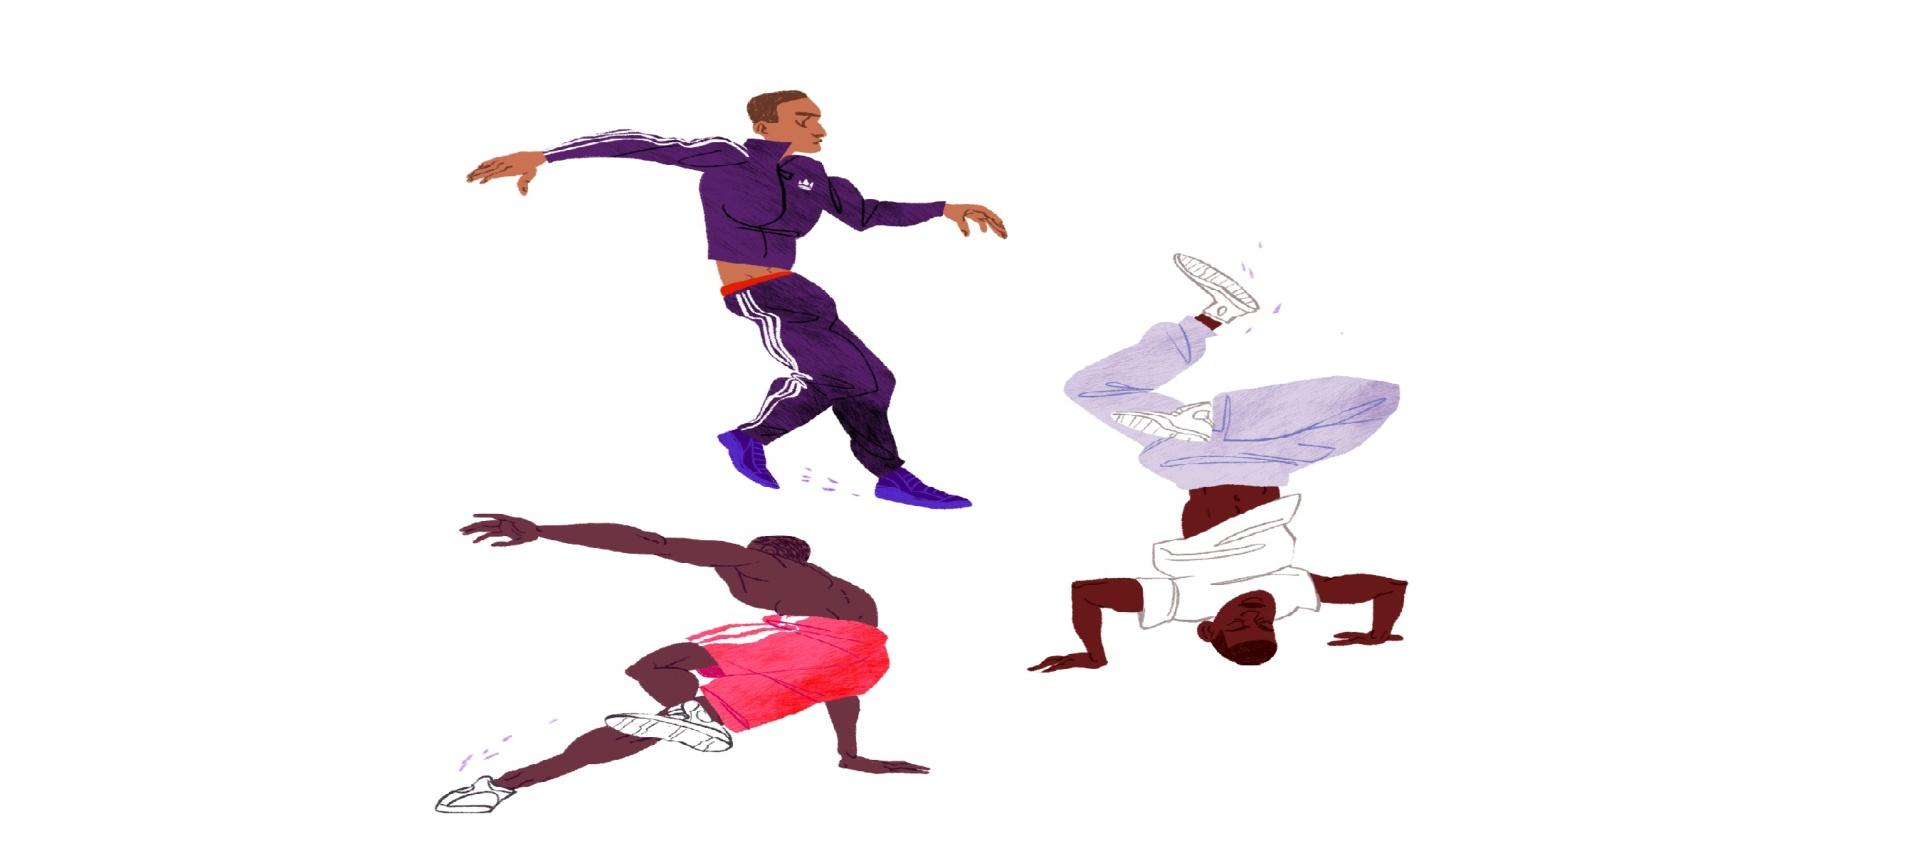 new york, break dancers, travel, illustration